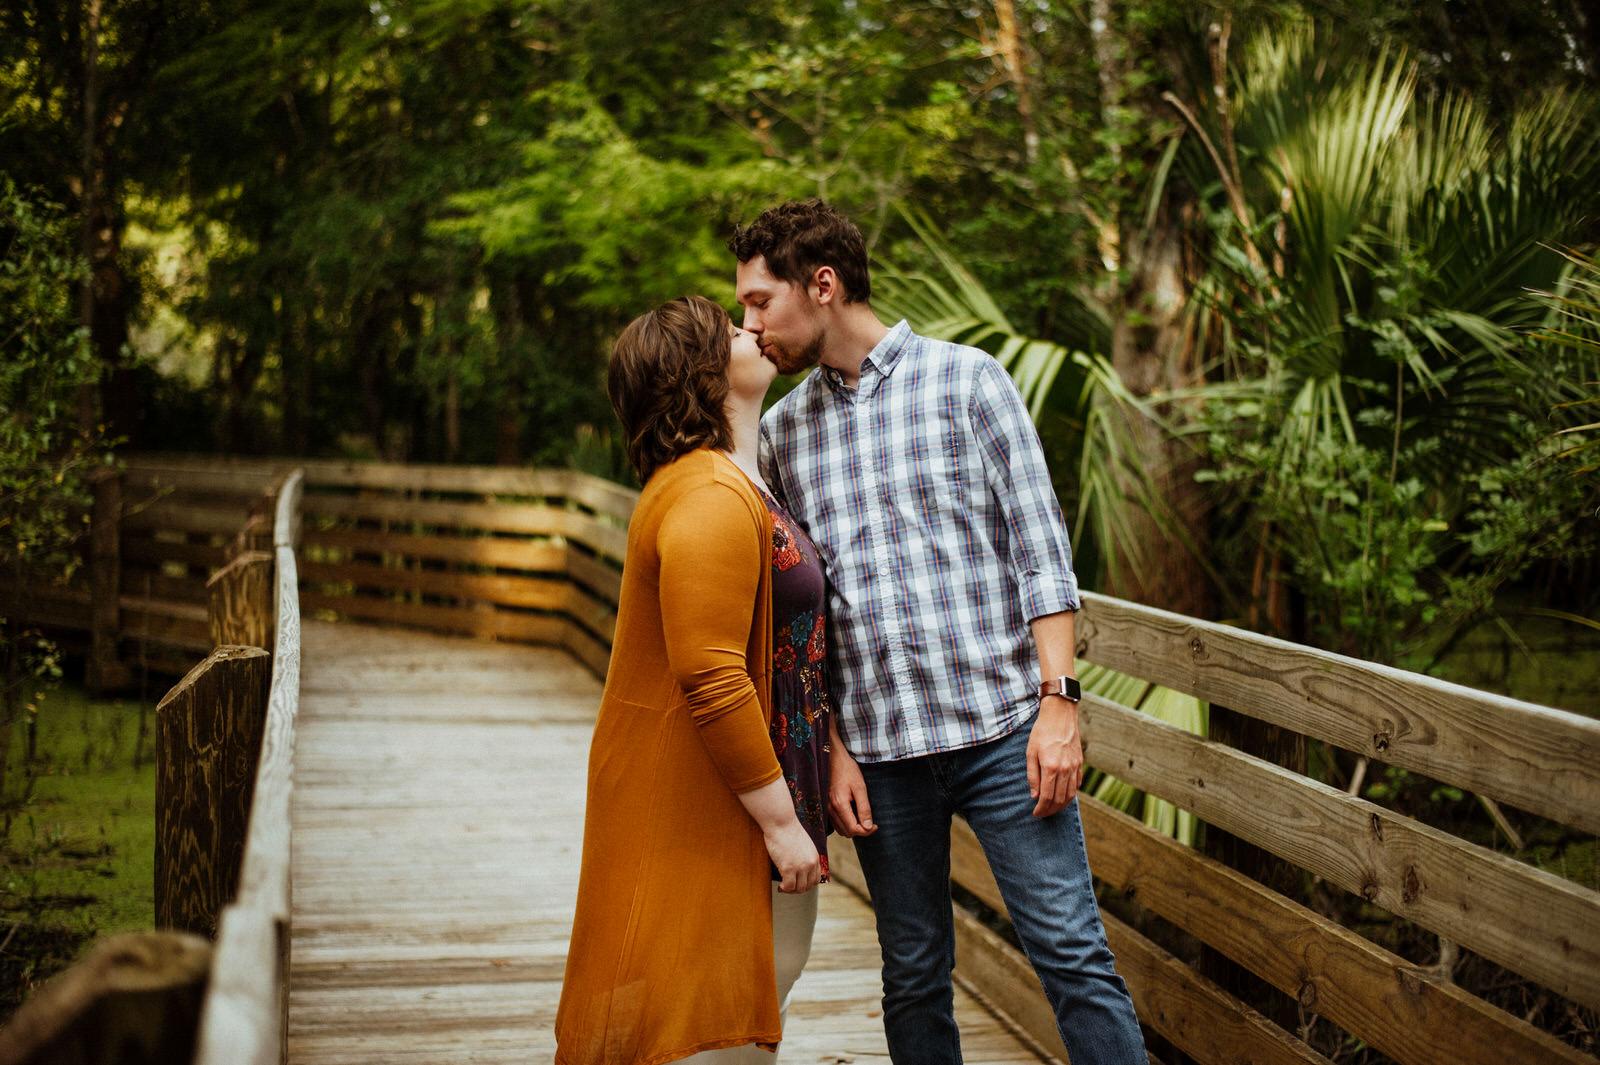 Amanda&Dylan'sEngagement3.jpg